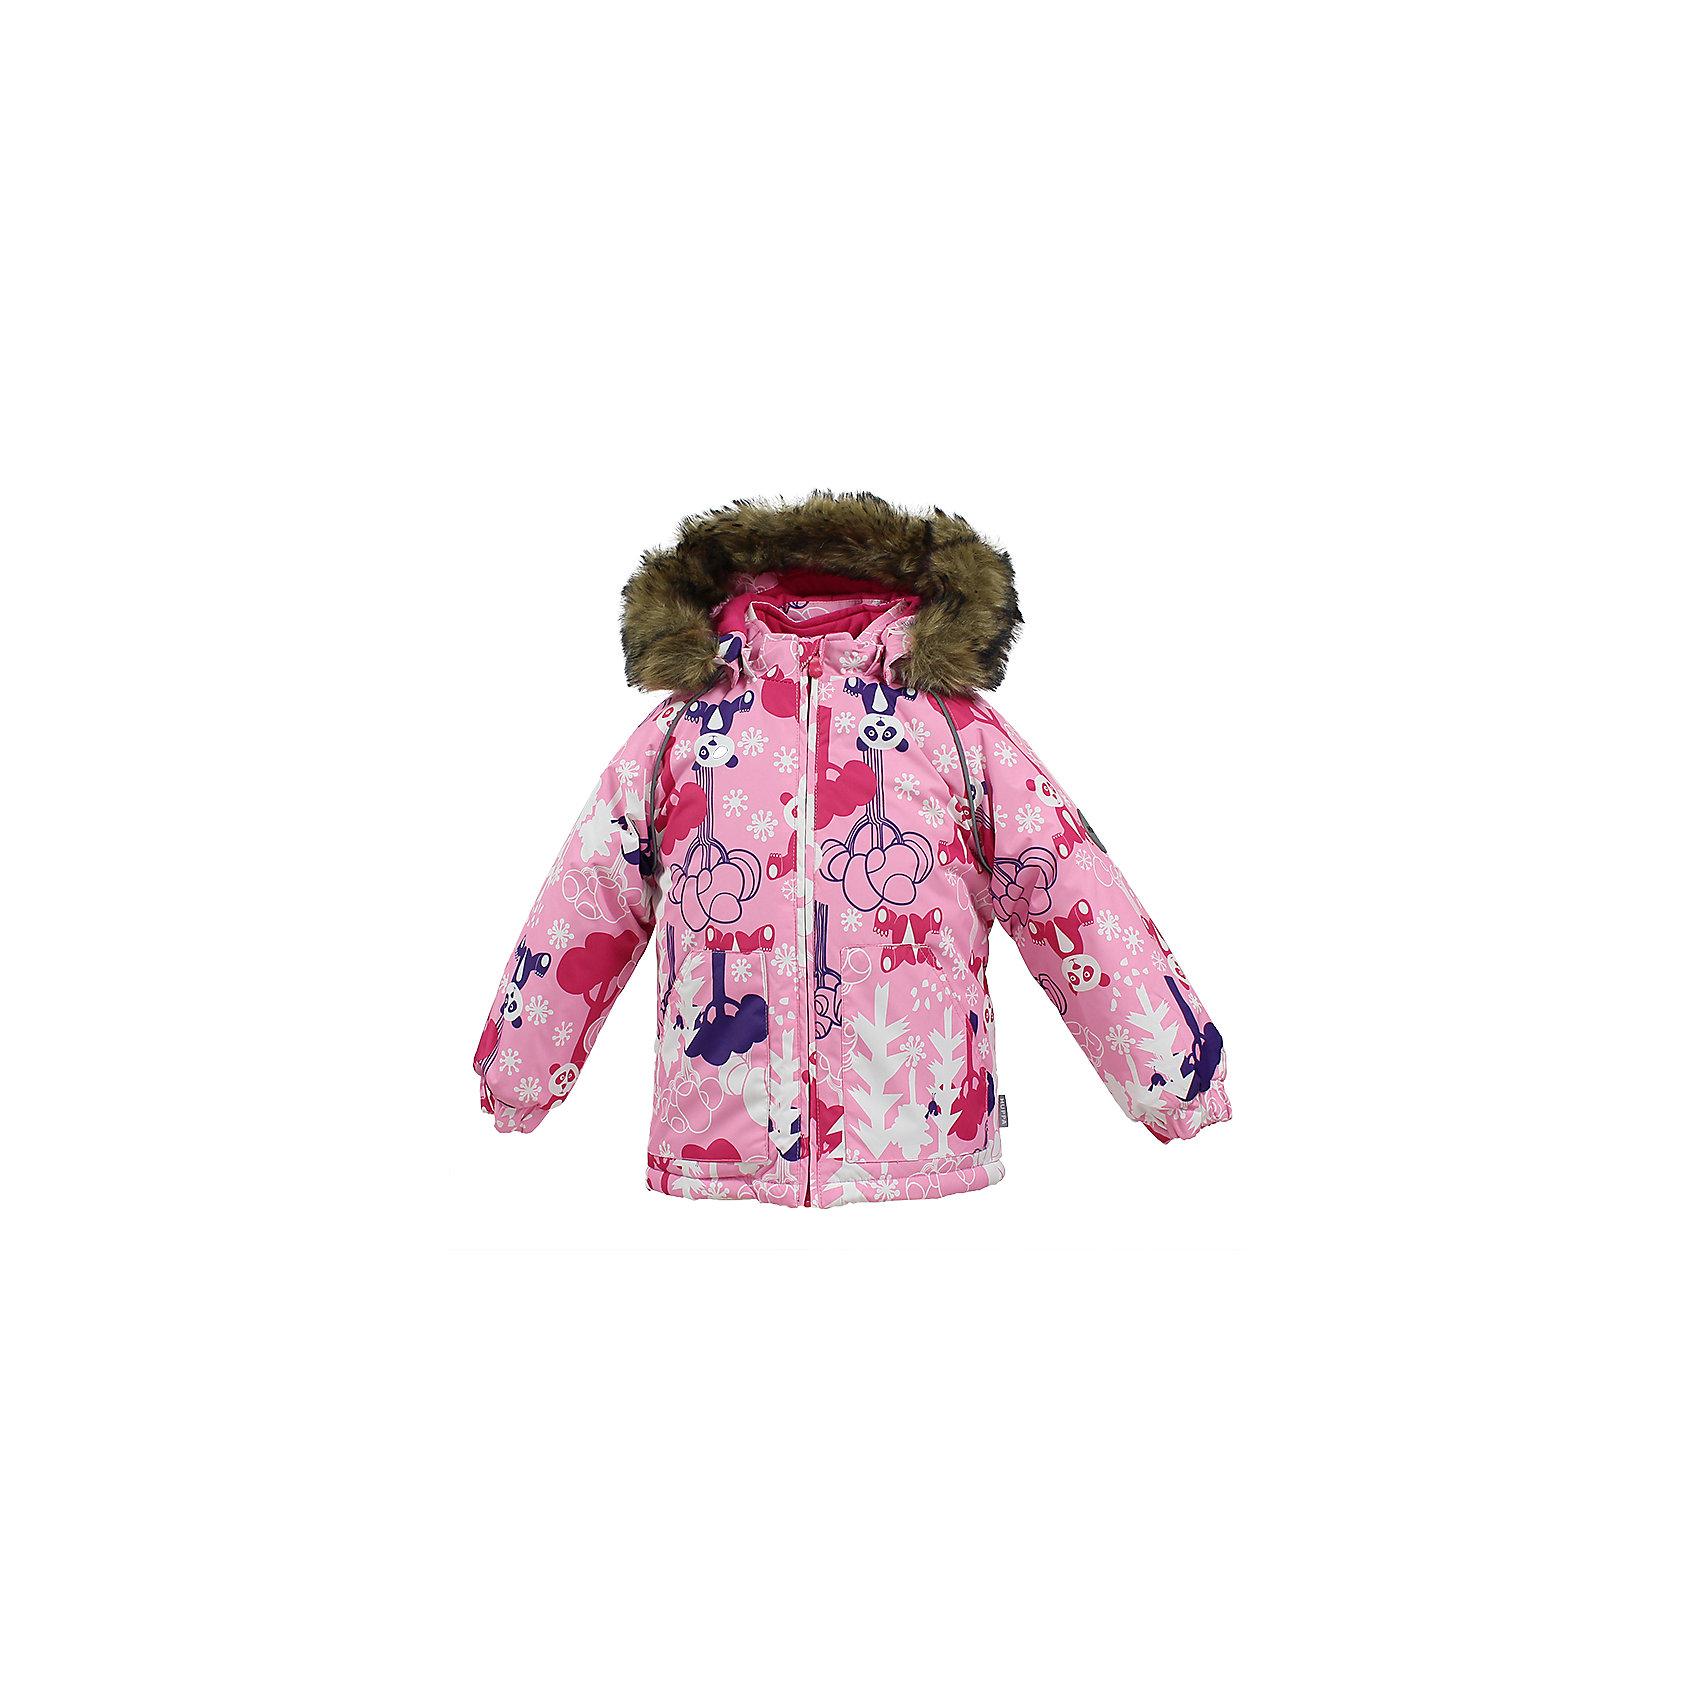 Куртка VIRGO HuppaВерхняя одежда<br>Характеристики товара:<br><br>• цвет: розовый;<br>• пол: девочка;<br>• состав: 100% полиэстер;<br>• утеплитель: полиэстер 300 гр.;<br>• подкладка: фланель 100% хлопок;<br>• сезон: зима;<br>• температурный режим: от -5 до - 30С;<br>• водонепроницаемость: 5000 мм ;<br>• воздухопроницаемость: 5000 г/м2/24ч;<br>• особенности модели: c рисунком; с мехом на капюшоне;<br>• манжеты рукавов эластичные, на резинках;<br>• безопасный капюшон крепится на кнопки и, при необходимости, отстегивается;<br>• мех на капюшоне не съемный;<br>• светоотражающие элементы для безопасности ребенка;<br>• страна бренда: Финляндия;<br>• страна изготовитель: Эстония.<br><br>Зимняя куртка с капюшоном для девочки. Все швы проклеены и водонепроницаемы, а сама она изготовлена из водо и ветронепроницаемого, грязеотталкивающего материала.<br><br>Съемный капюшон защищает от ветра, к тому же он абсолютно безопасен – легко отстегнется, если вдруг за что-нибудь зацепится. Обратите внимание: куртку можно сушить в сушильной машине. Зимняя куртка на молнии для девочки декорирована рисунком.<br><br>Зимнюю куртку Virgo для девочки фирмы HUPPA  можно купить в нашем интернет-магазине.<br><br>Ширина мм: 356<br>Глубина мм: 10<br>Высота мм: 245<br>Вес г: 519<br>Цвет: розовый<br>Возраст от месяцев: 12<br>Возраст до месяцев: 18<br>Пол: Унисекс<br>Возраст: Детский<br>Размер: 86,80,104,98,92<br>SKU: 7027270